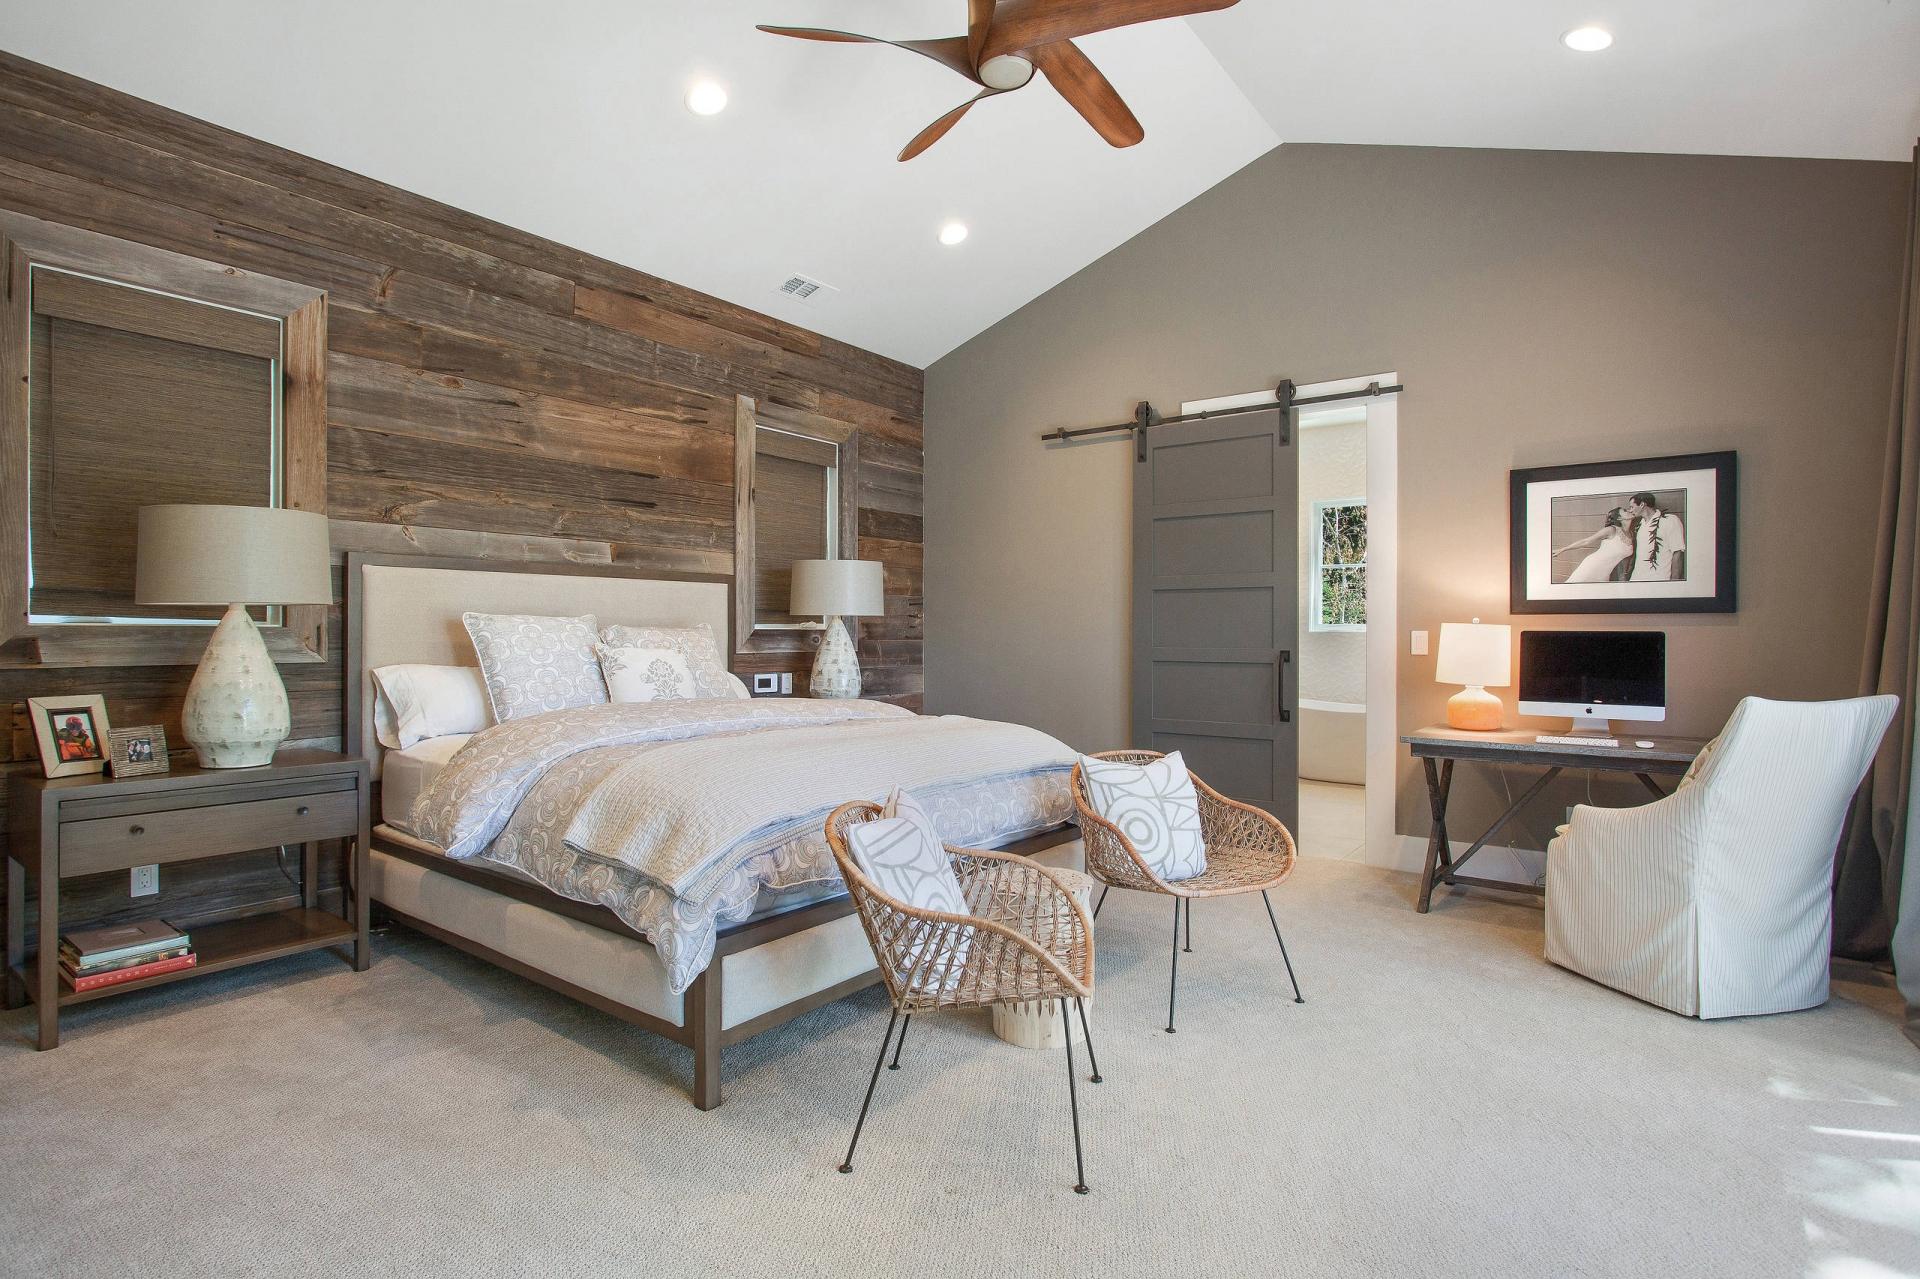 Бежево-коричневая мебель в спальне в стиле кантри